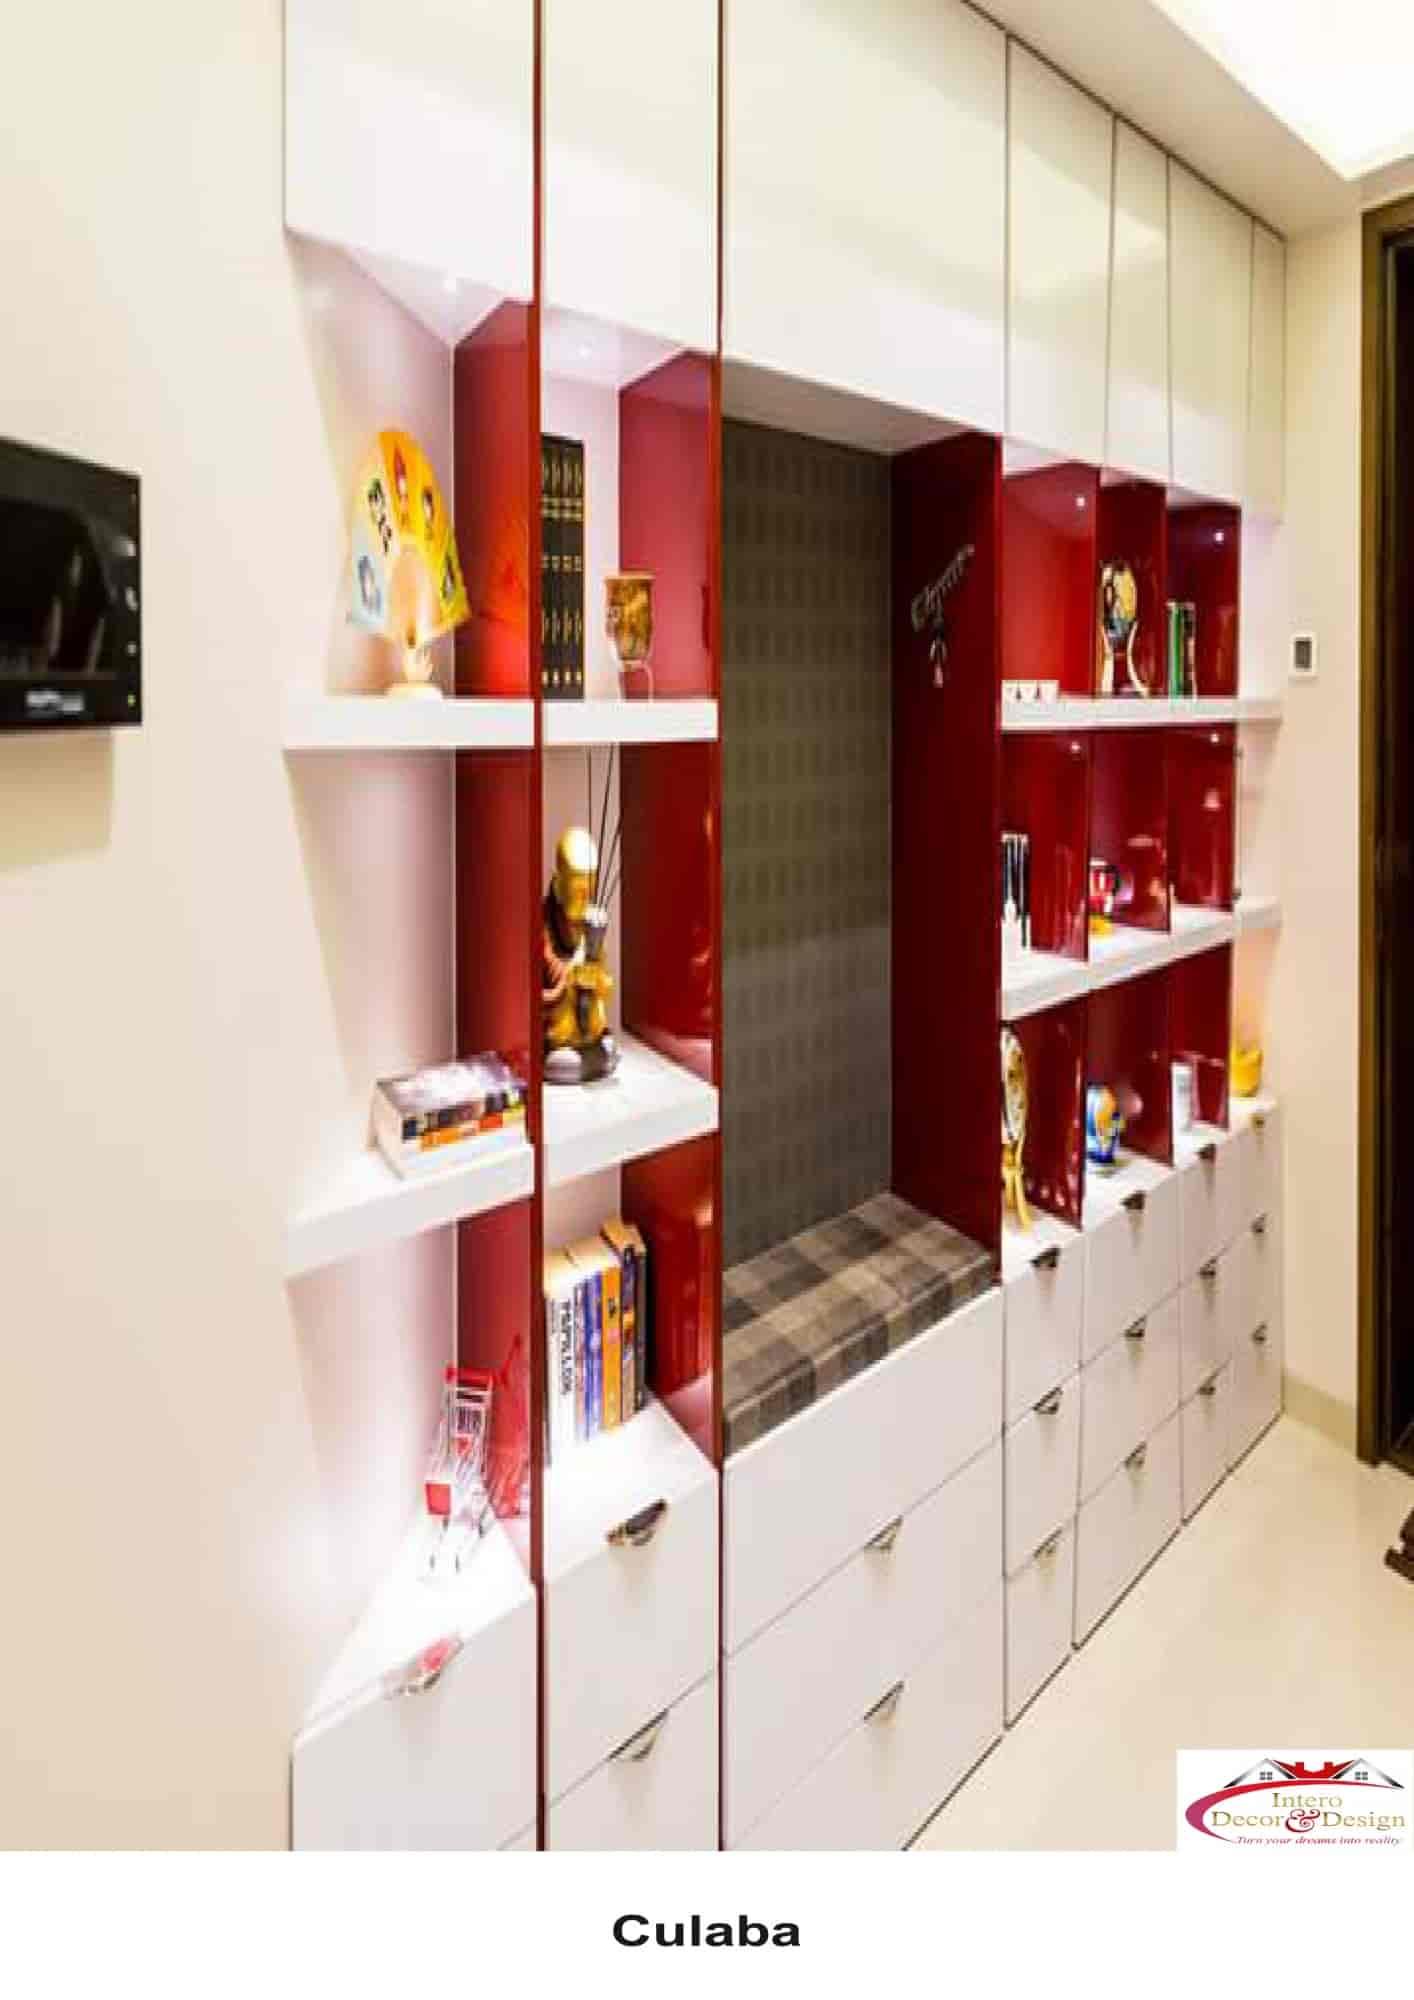 Our interior design intero decor design photos kandivali west mumbai interior